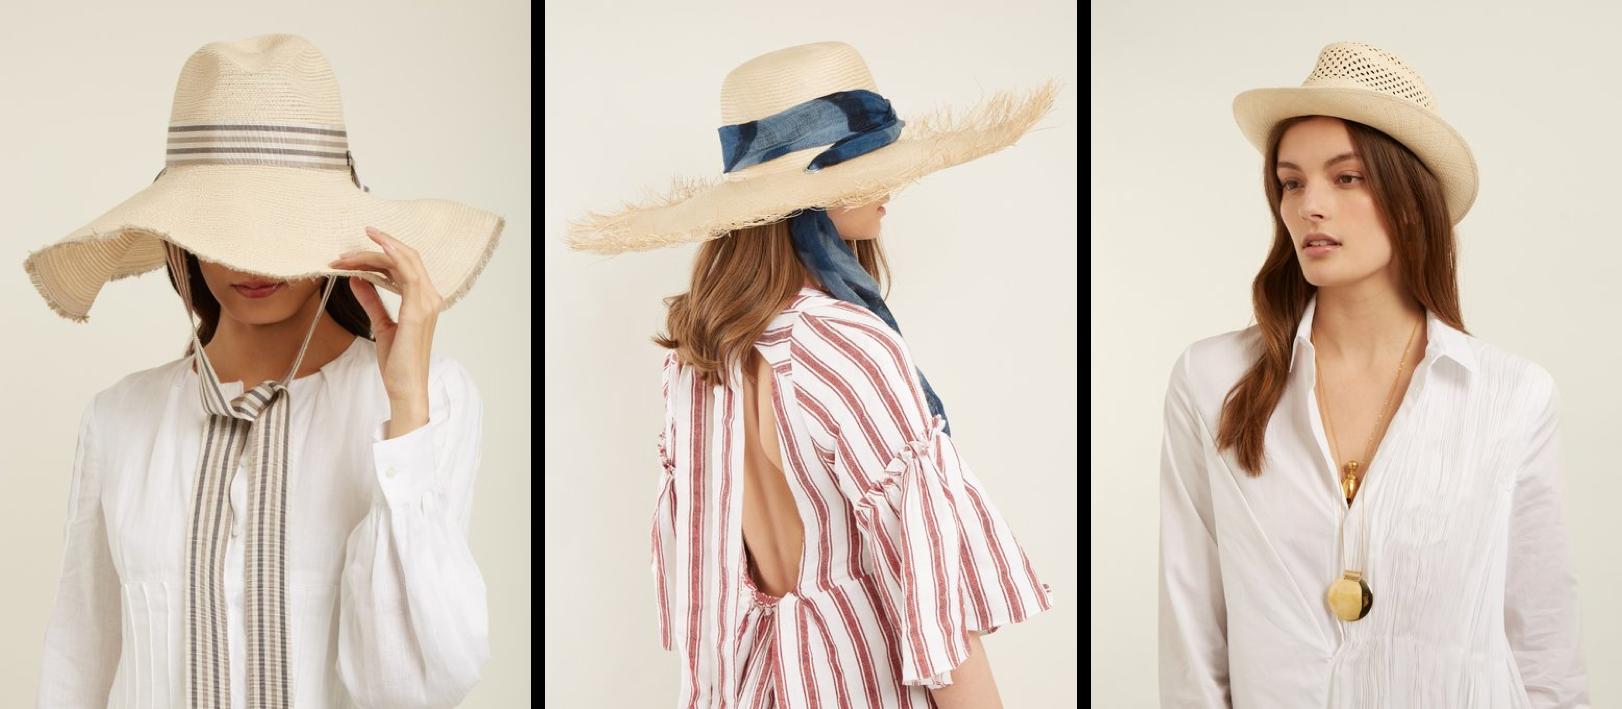 Шляпа как головной убор курортного города